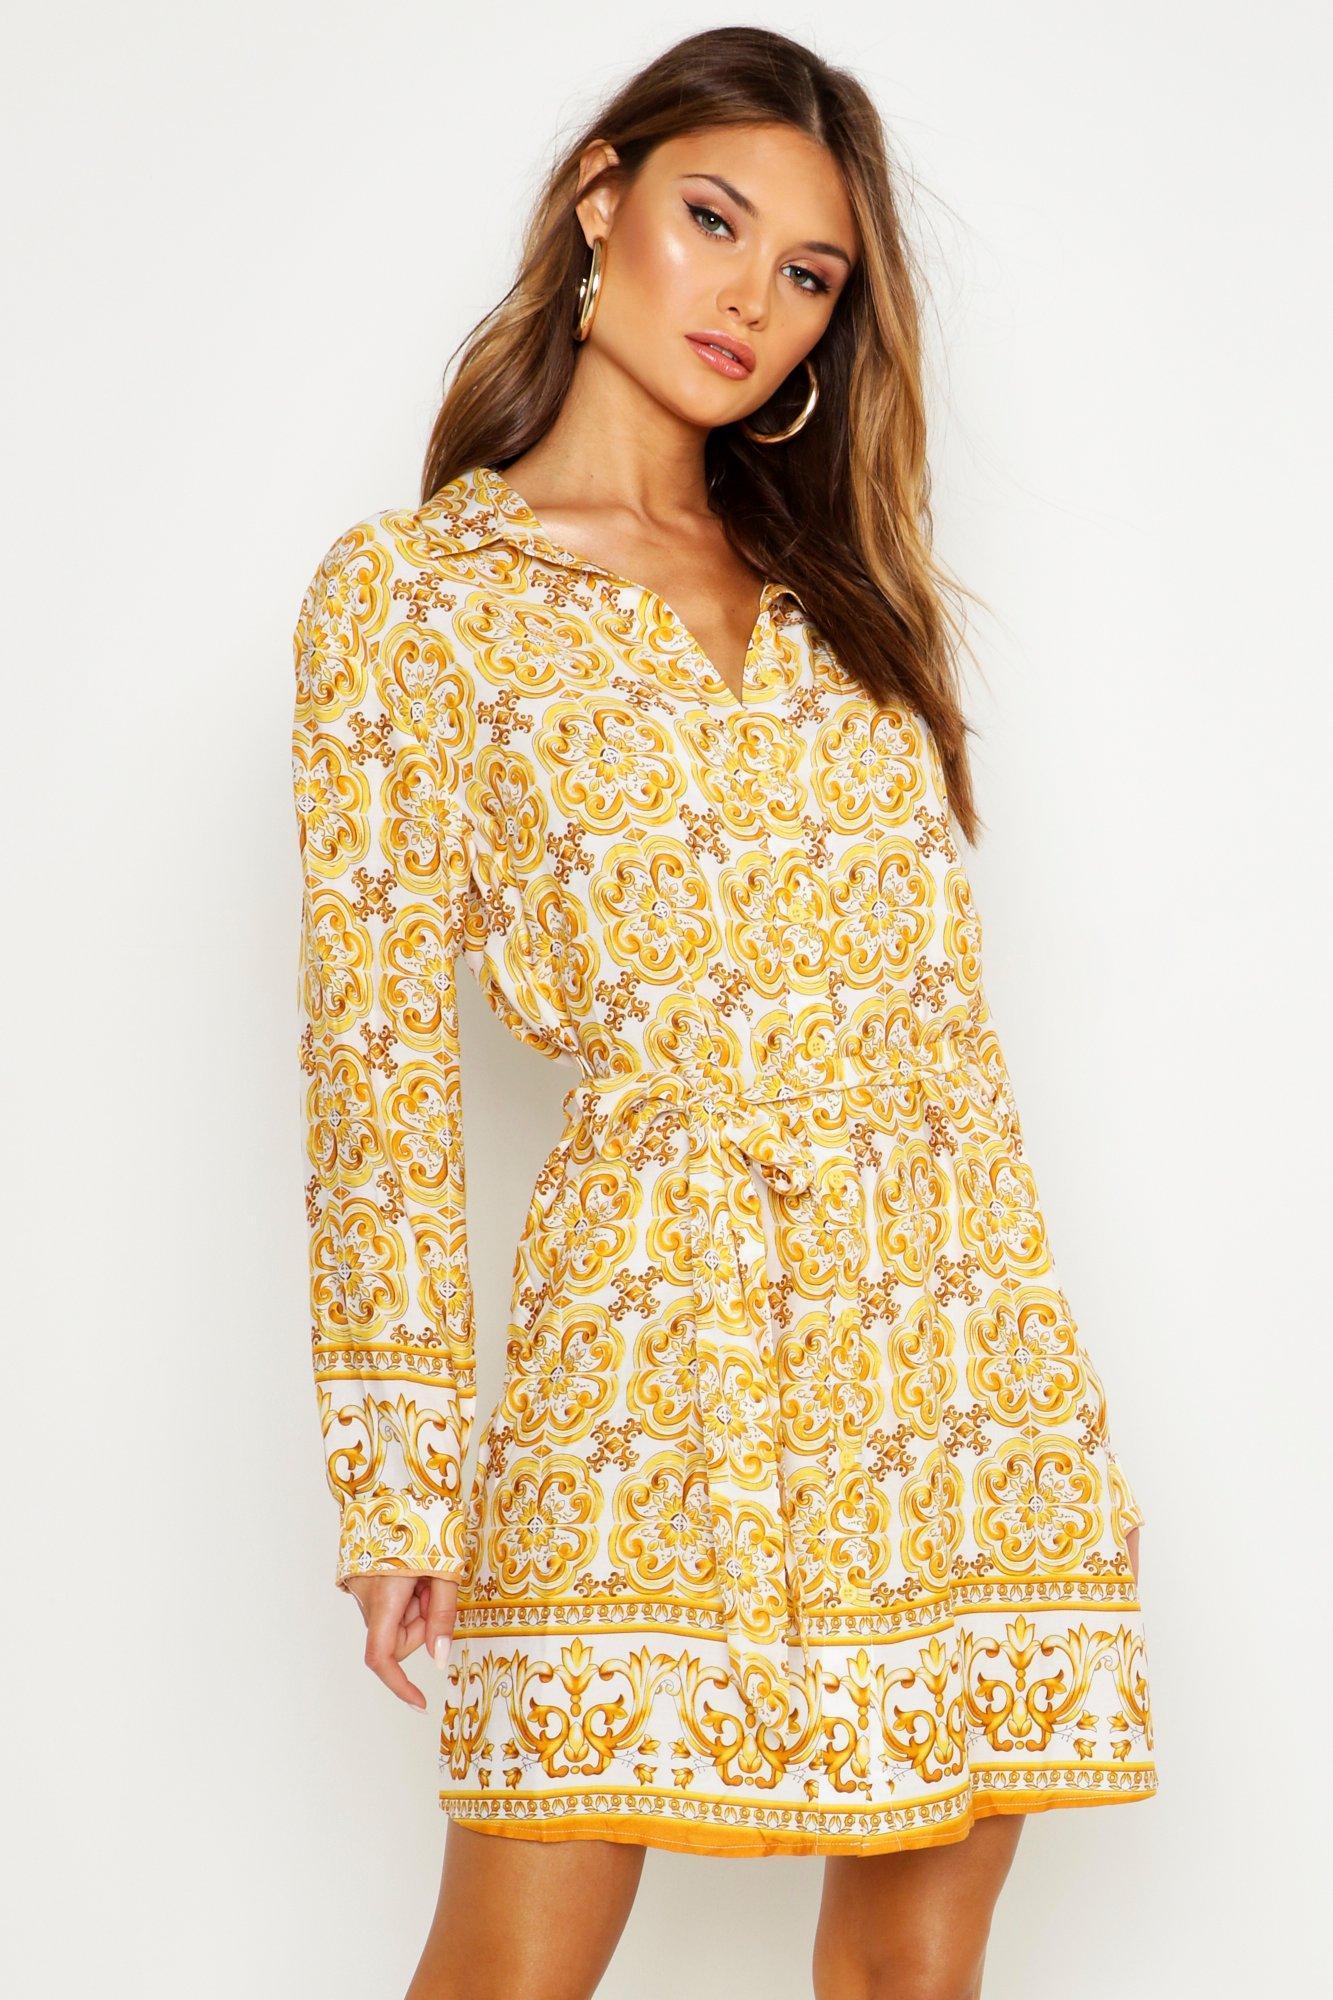 Womens Blusenkleid mit Kachel-Print - gelb - 36, Gelb - Boohoo.com